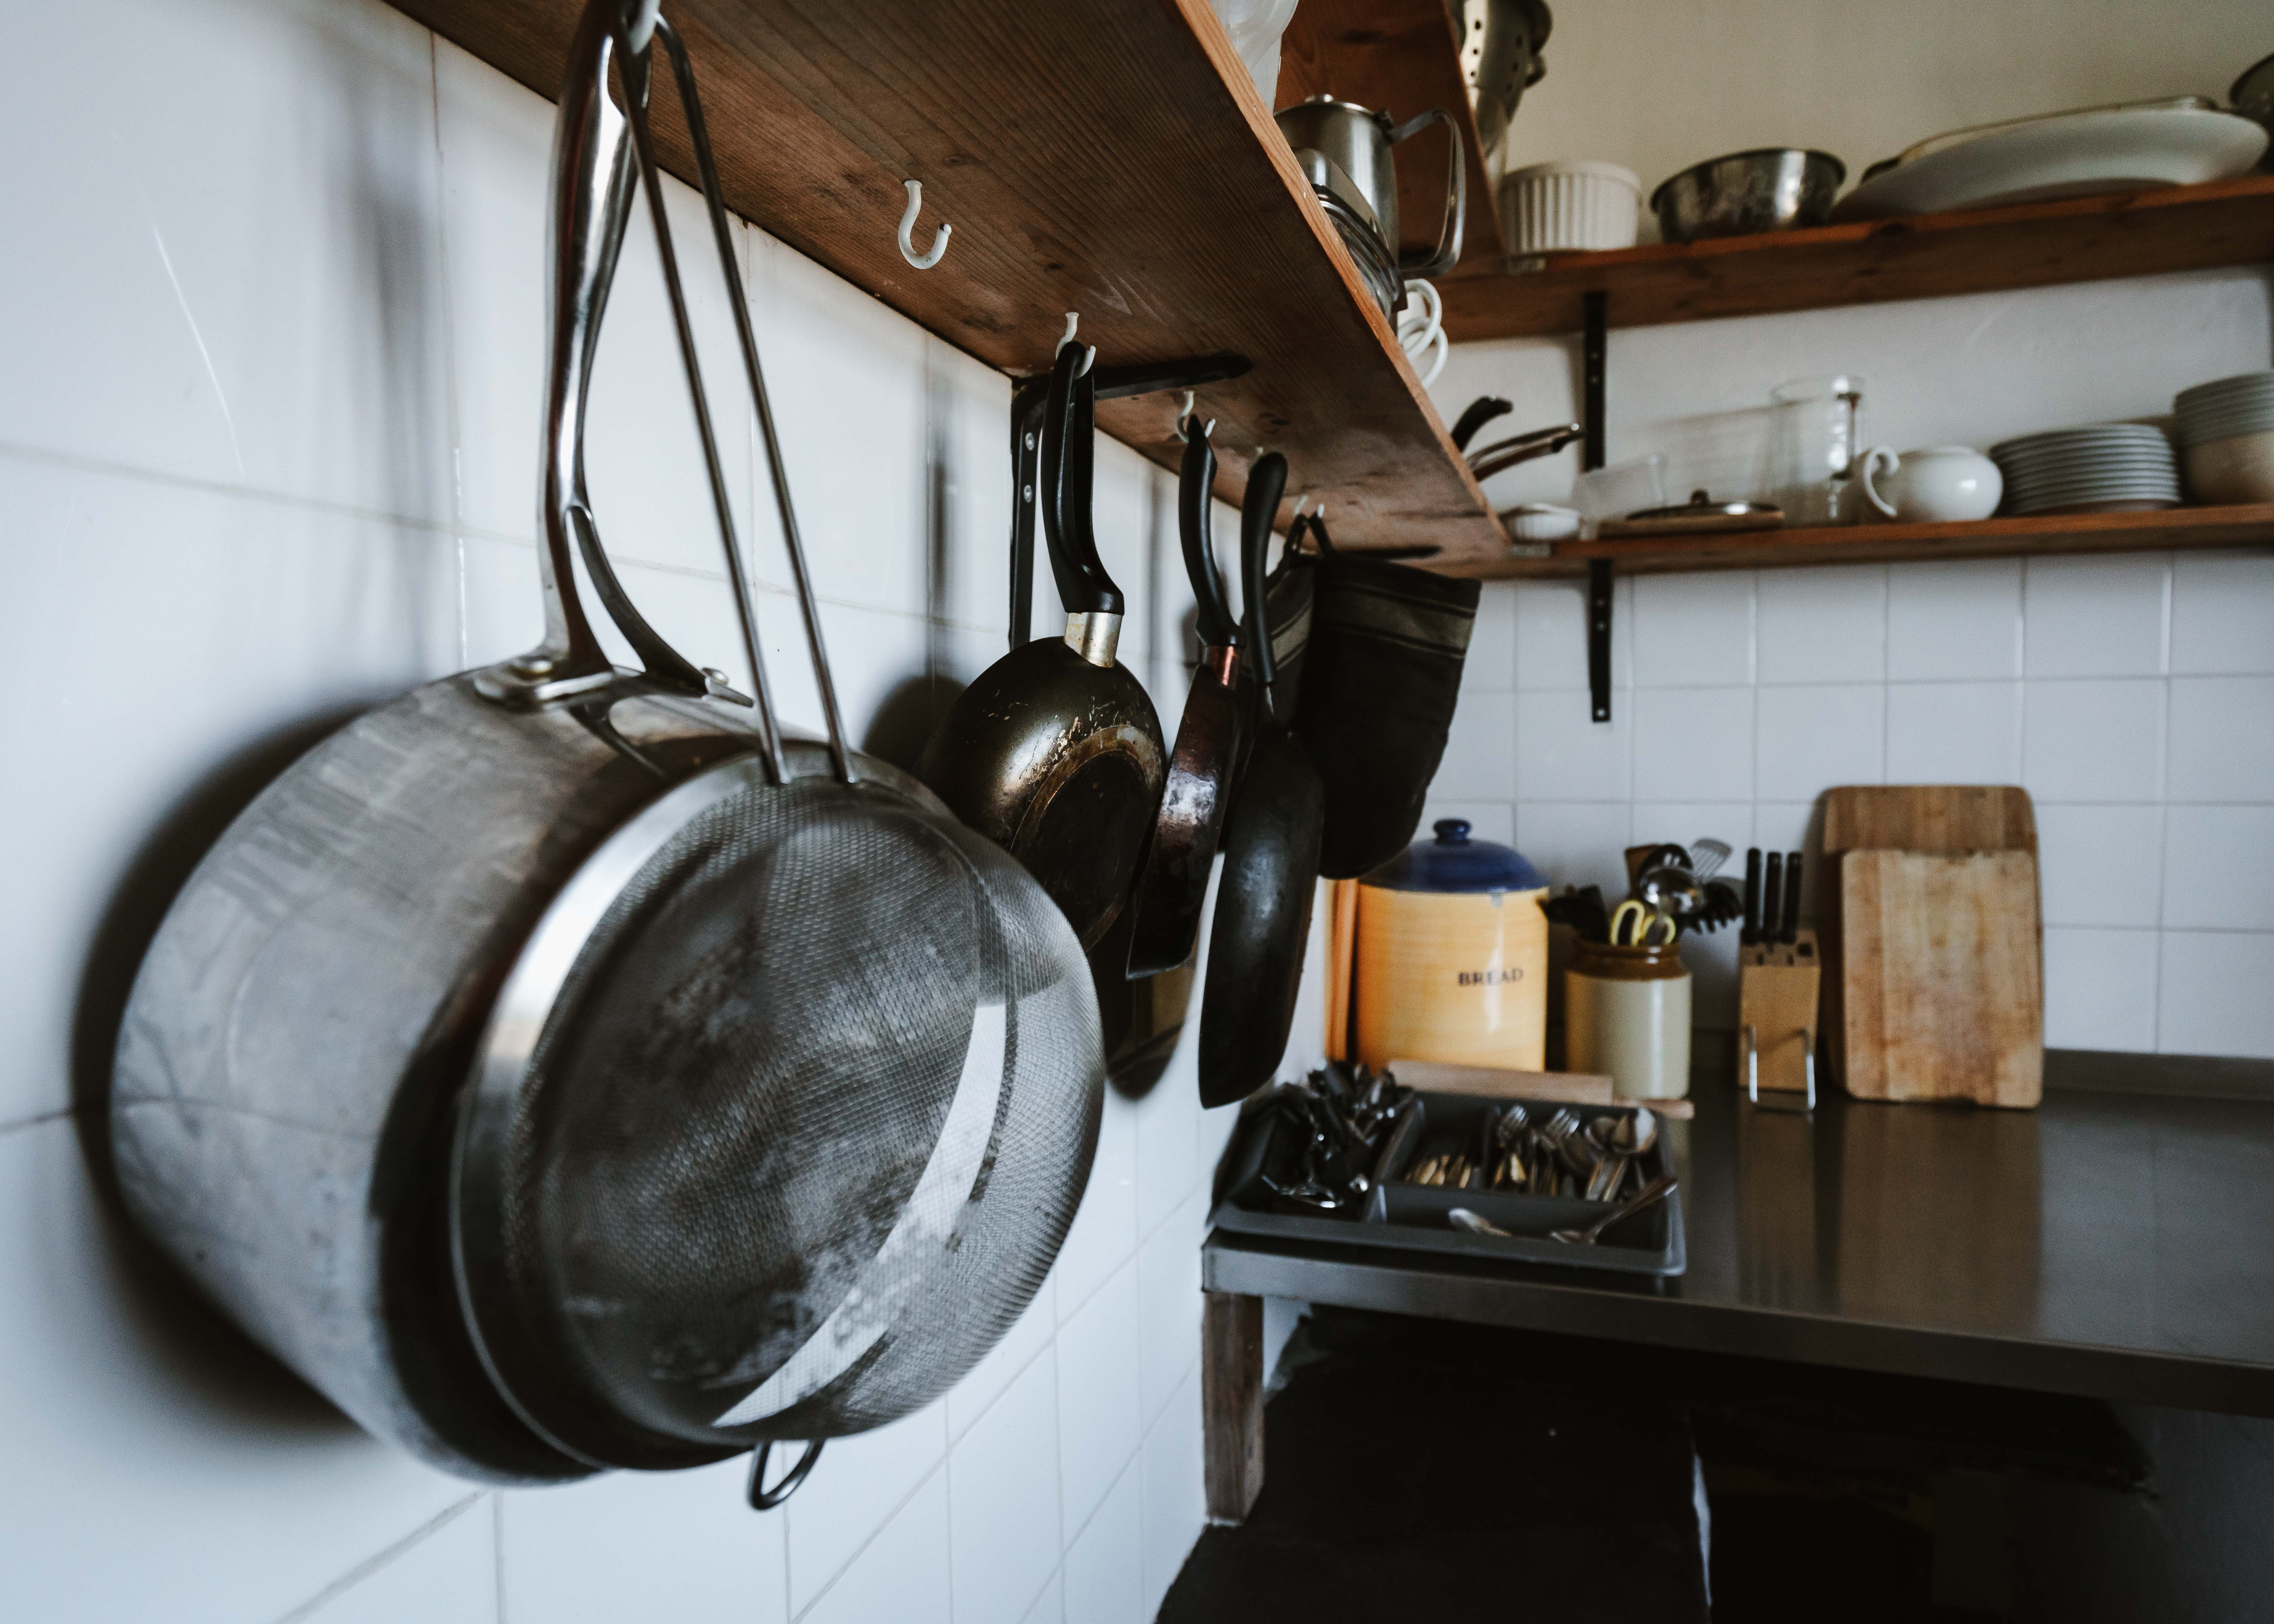 Cegin / Kitchen @ Carreg Fawr